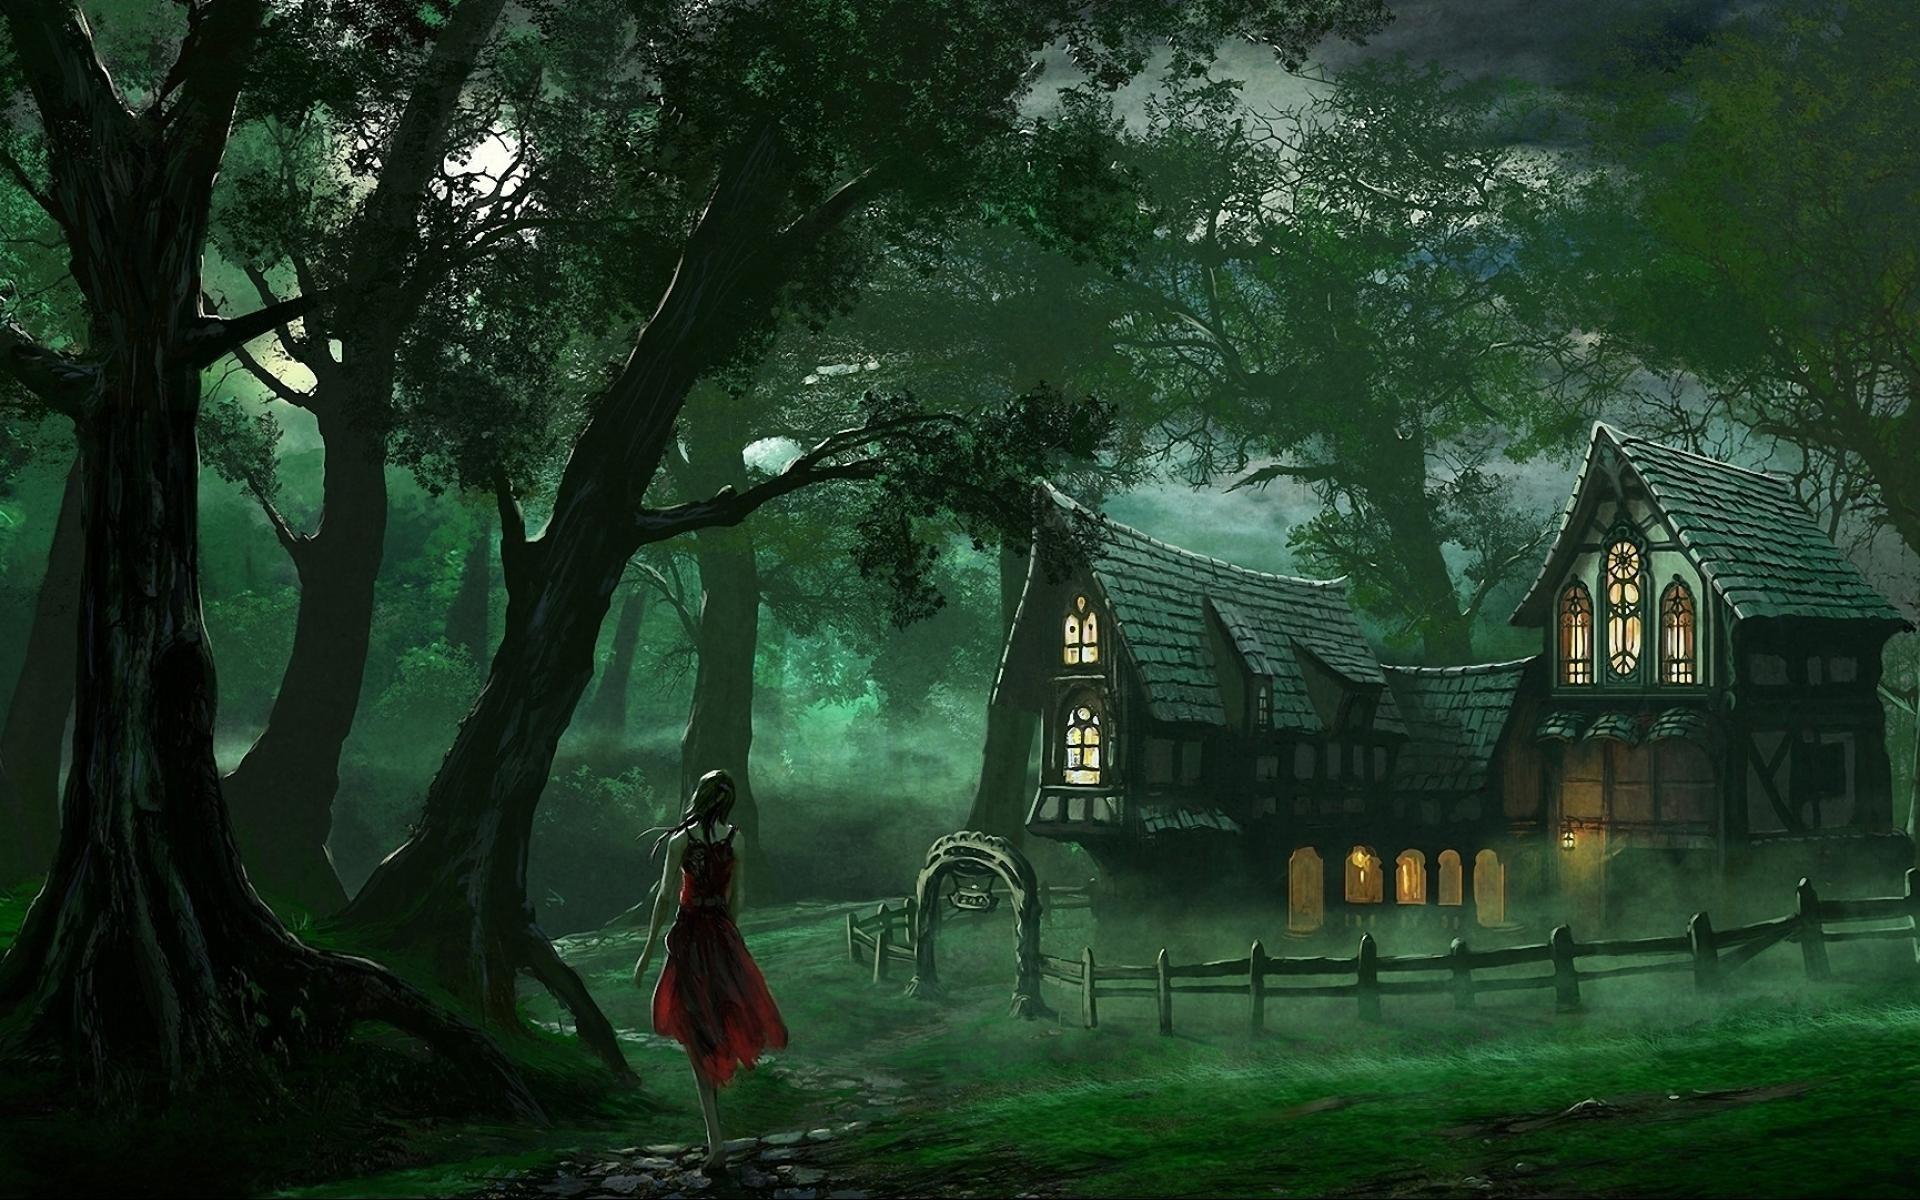 Fairy Tale Night Wallpaper